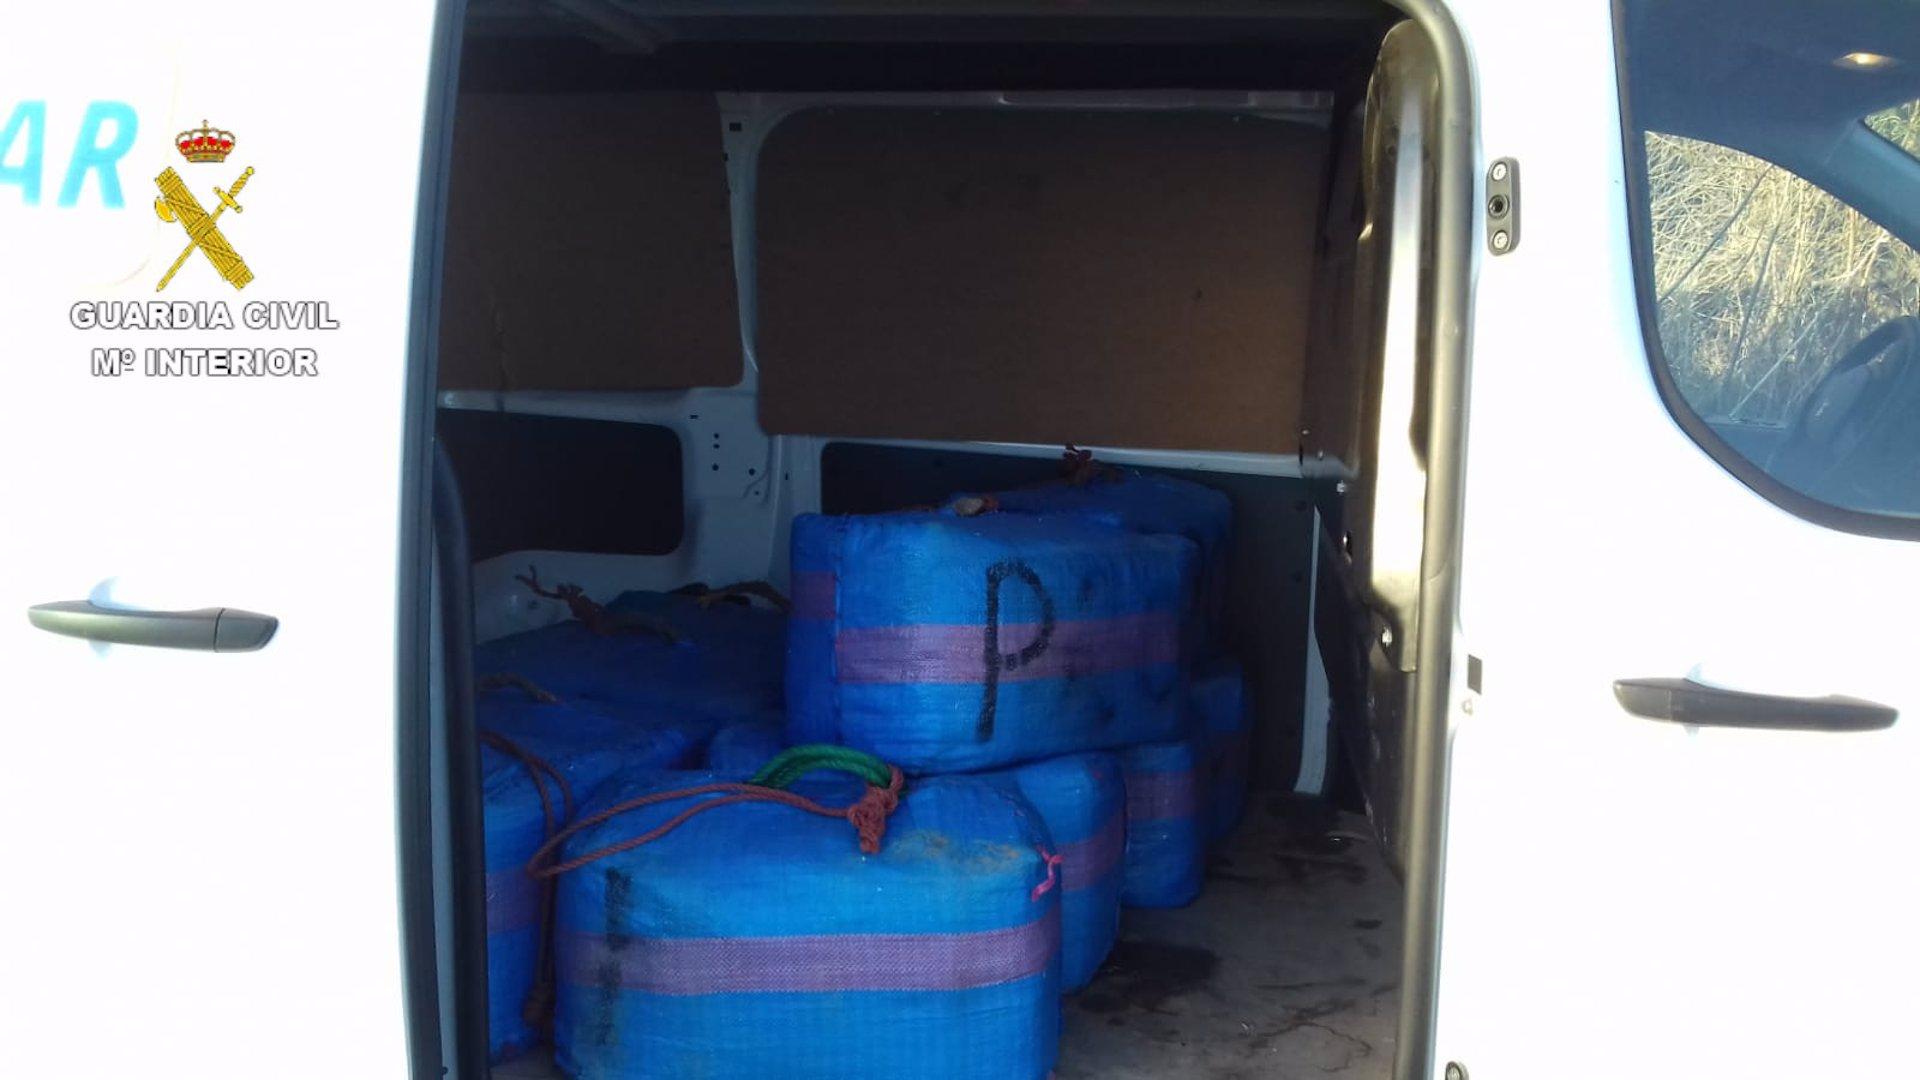 Interceptado un vehículo con más de 300 kilos de hachís en la A-92N tras embestir a la Guardia Civil